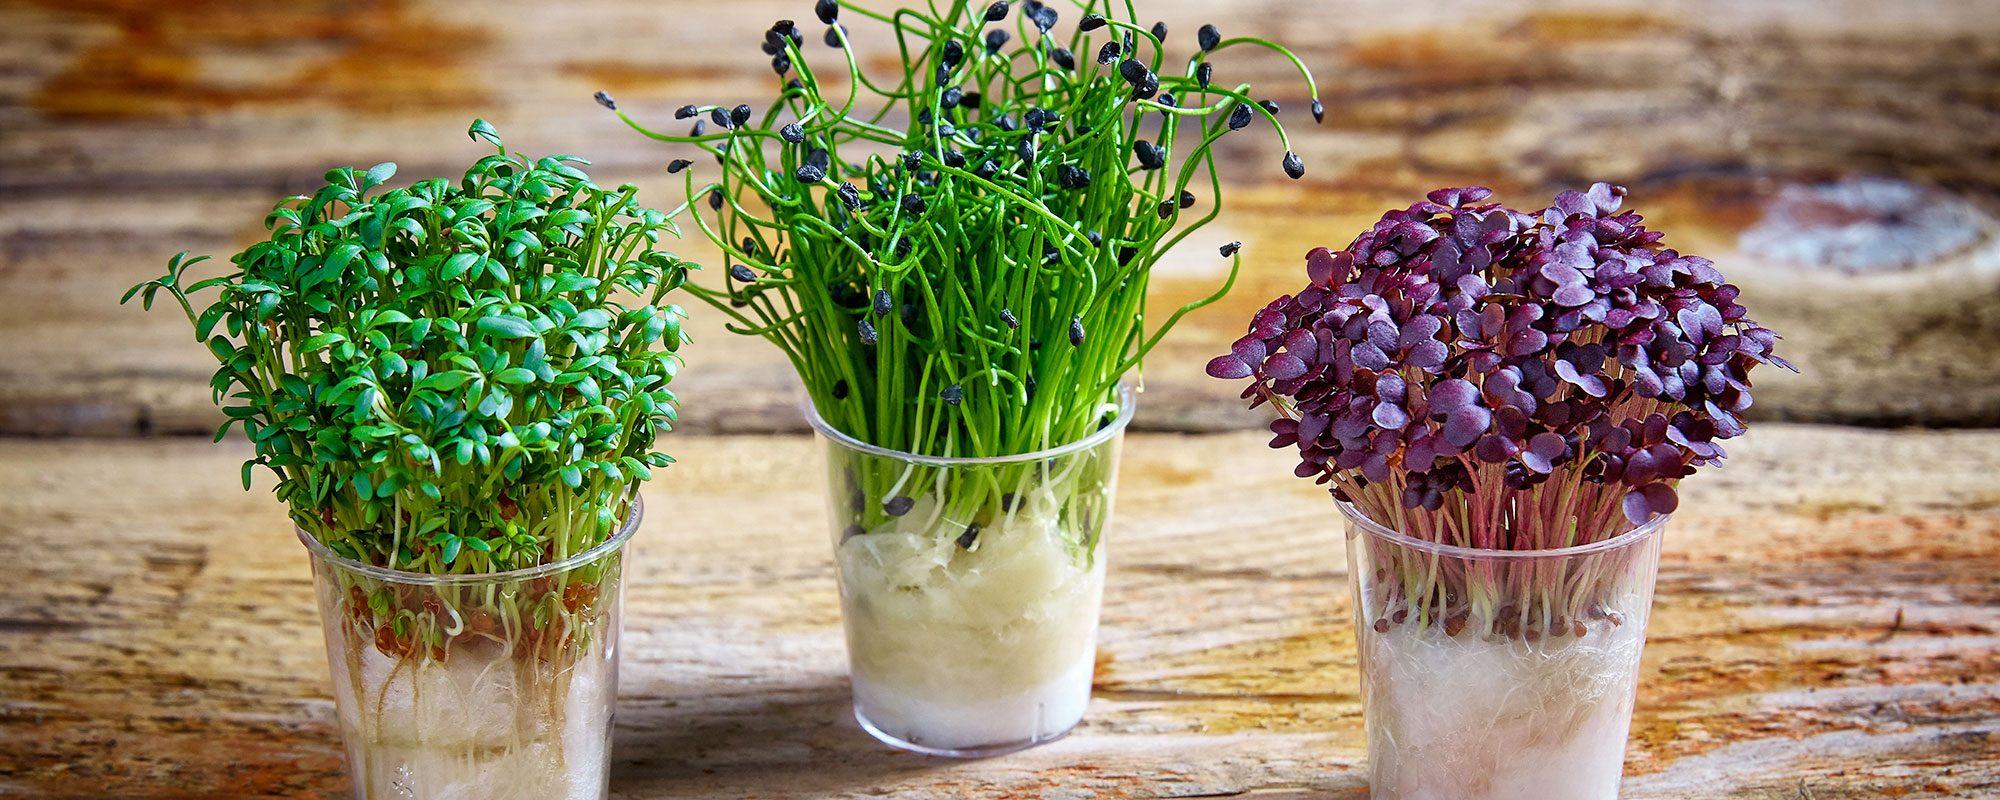 how-to-grow-cress-banner-nj3z97hx2ihvz55